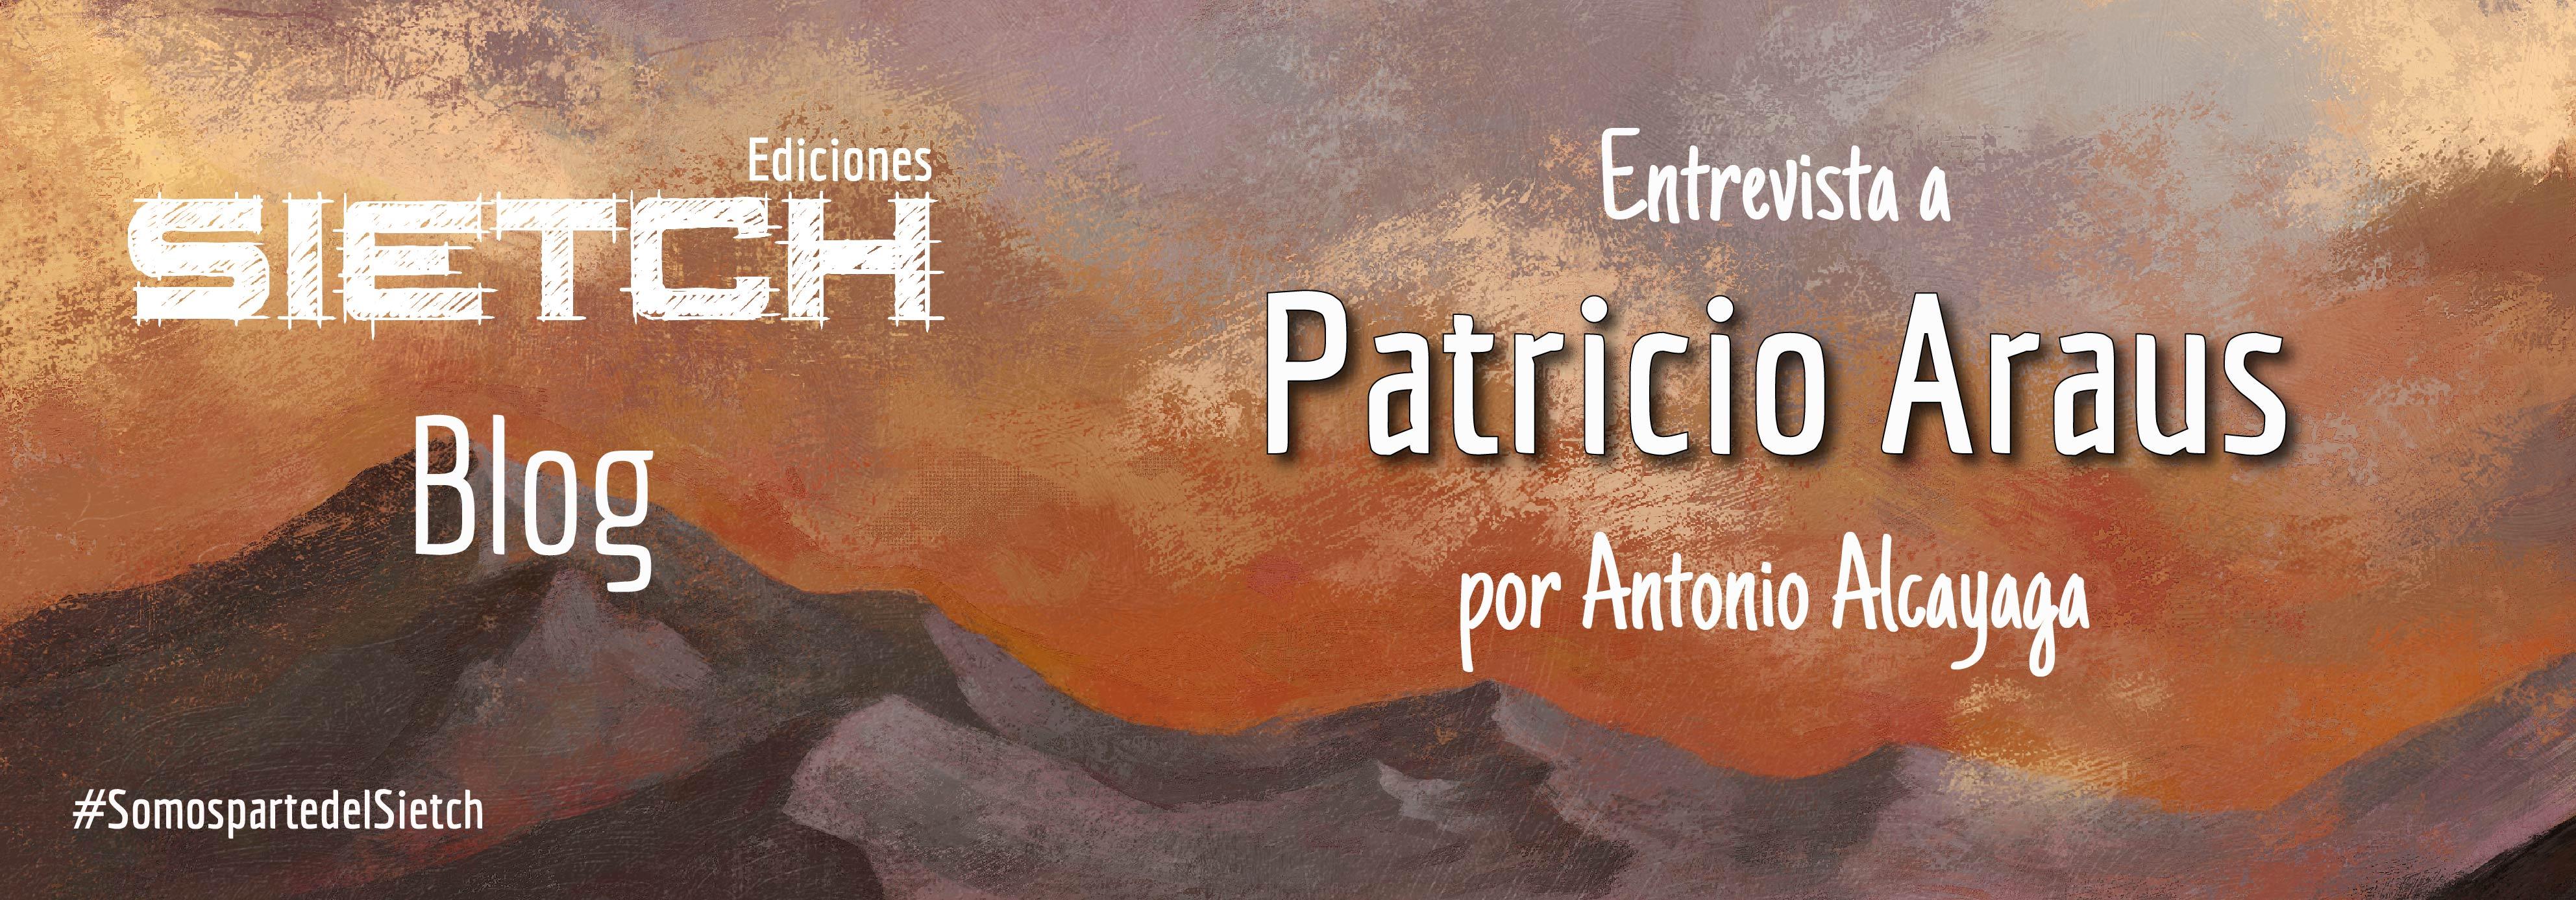 Entrevista a Patricio Araus